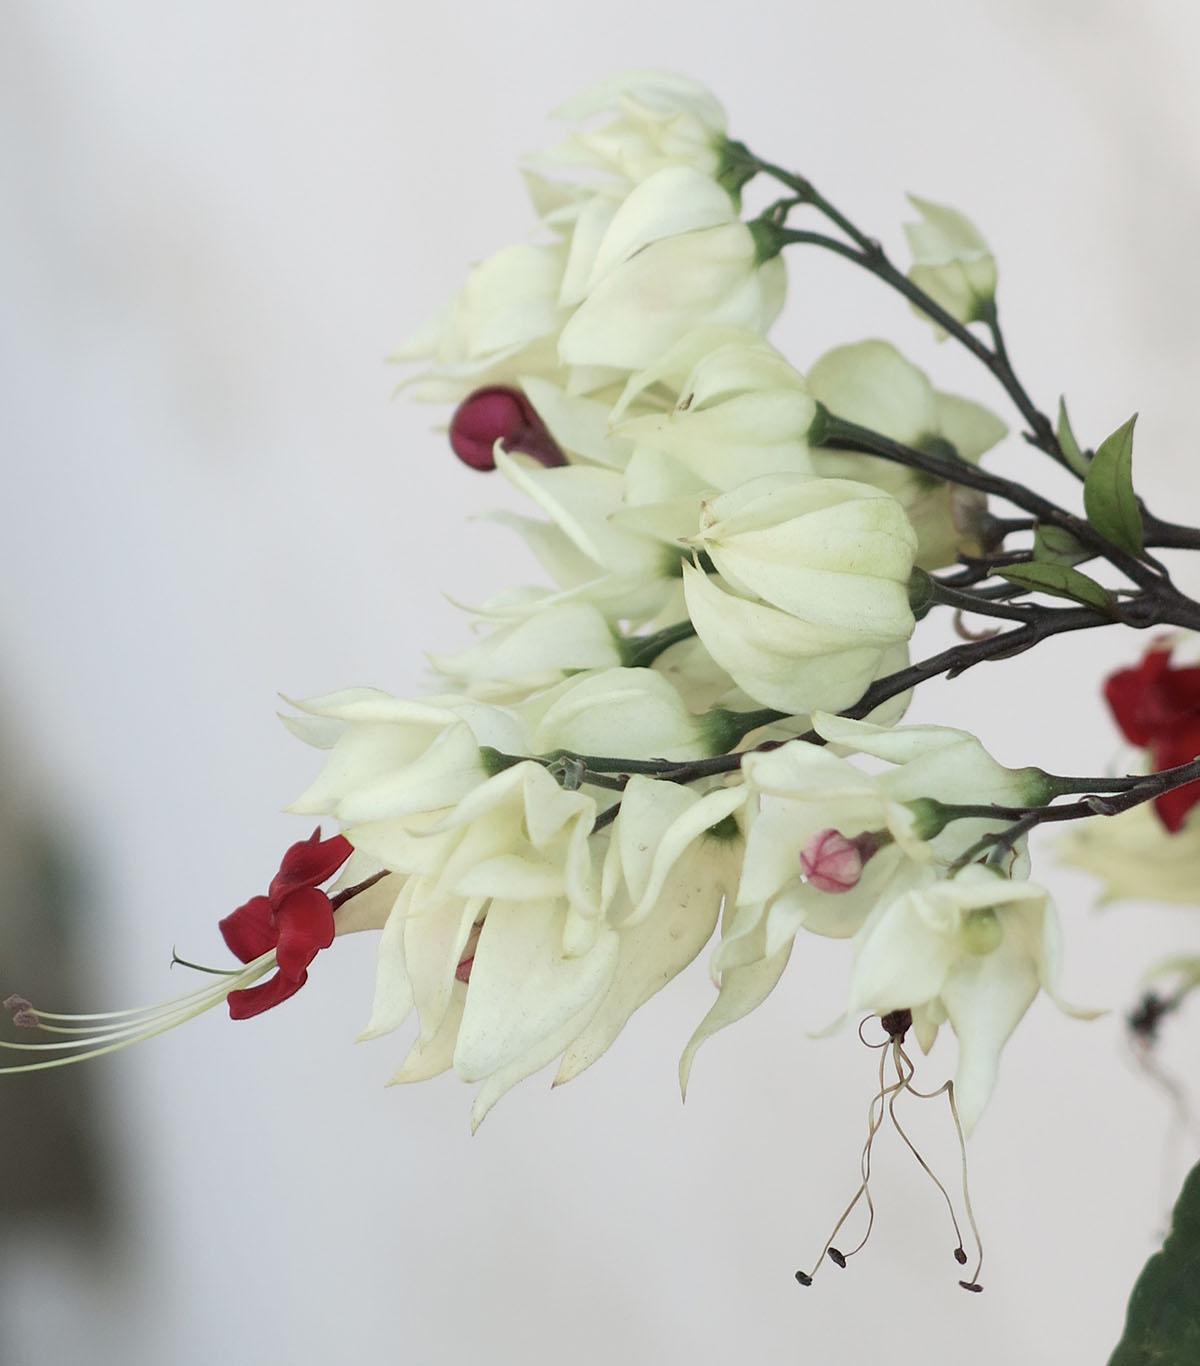 Clerodendrum thomsoniae 26